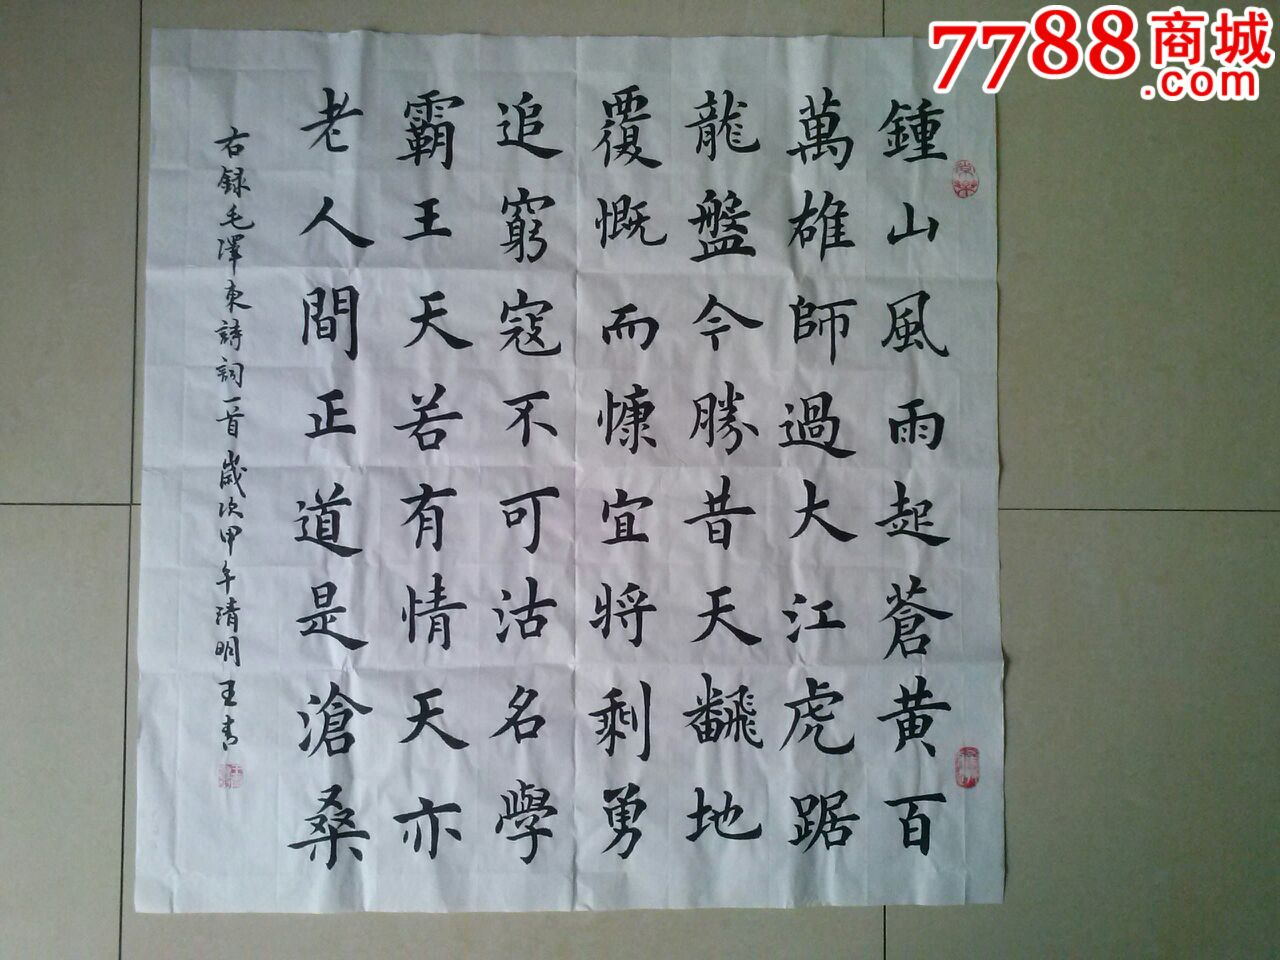 欧体楷书毛笔手写毛泽东诗词